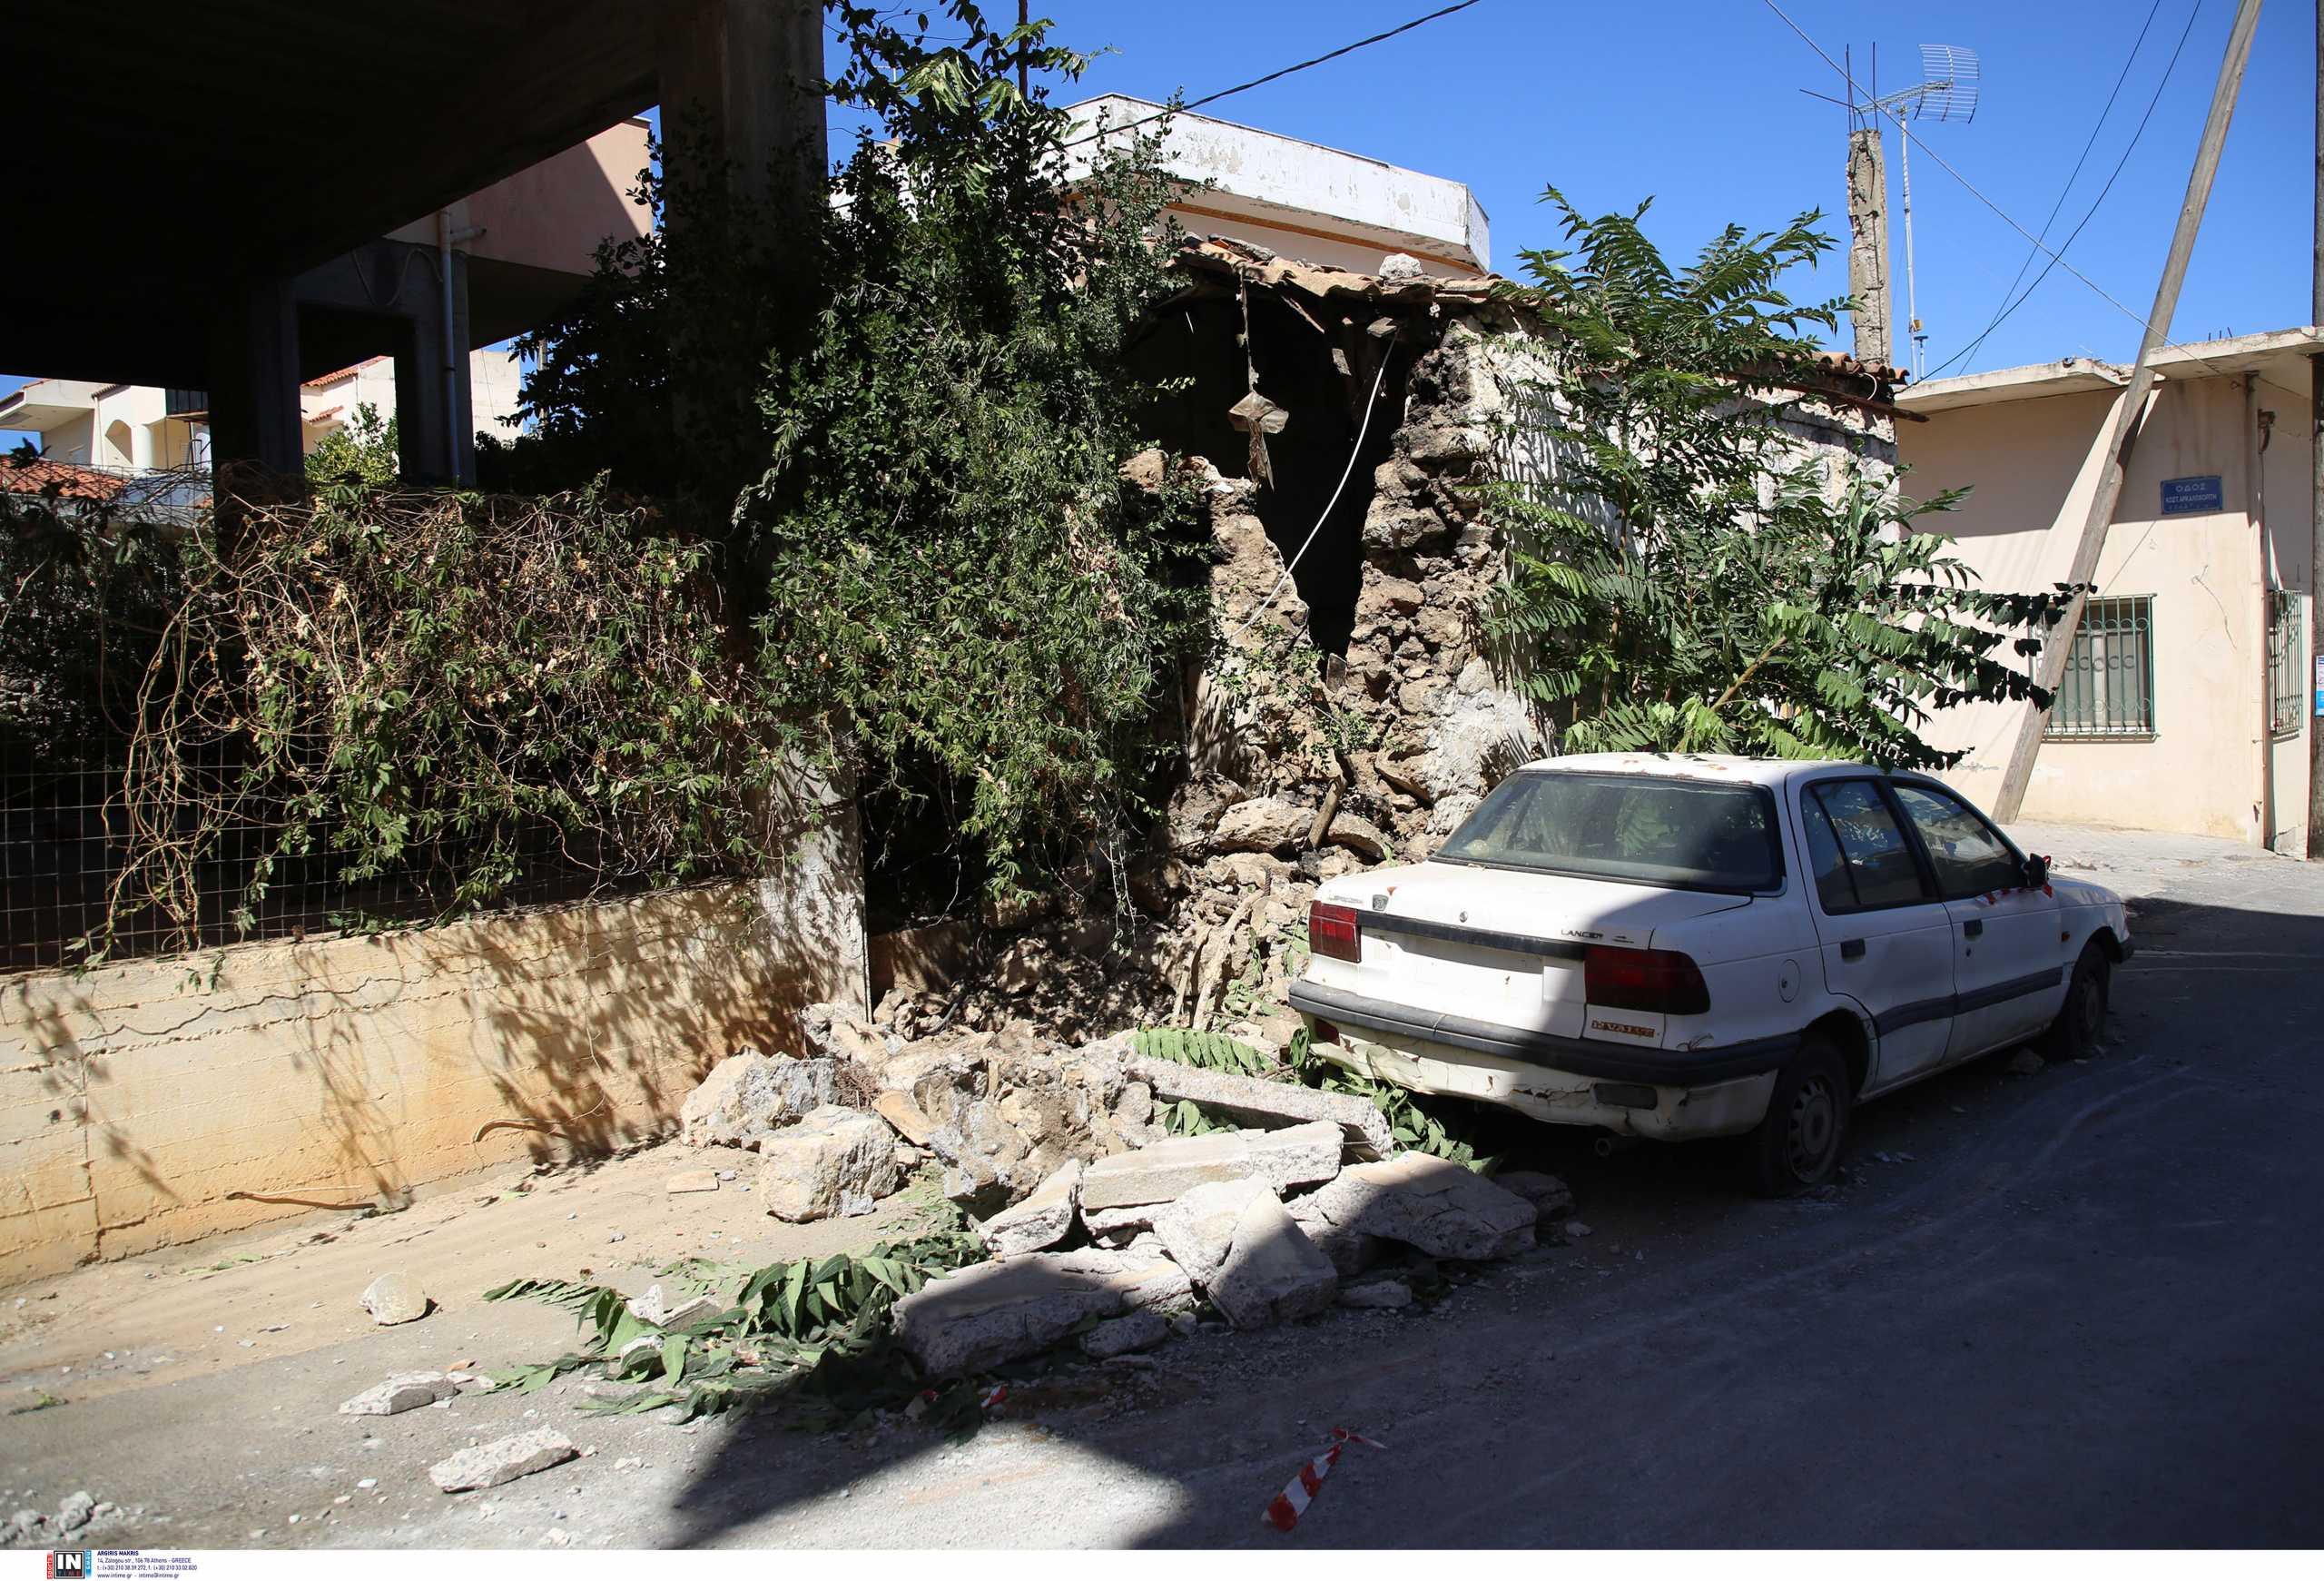 Σεισμός στην Κρήτη: Χτύπησε μήνυμα του 112 – «Μη μπαίνετε σε κτίρια που έχουν ζημιές»